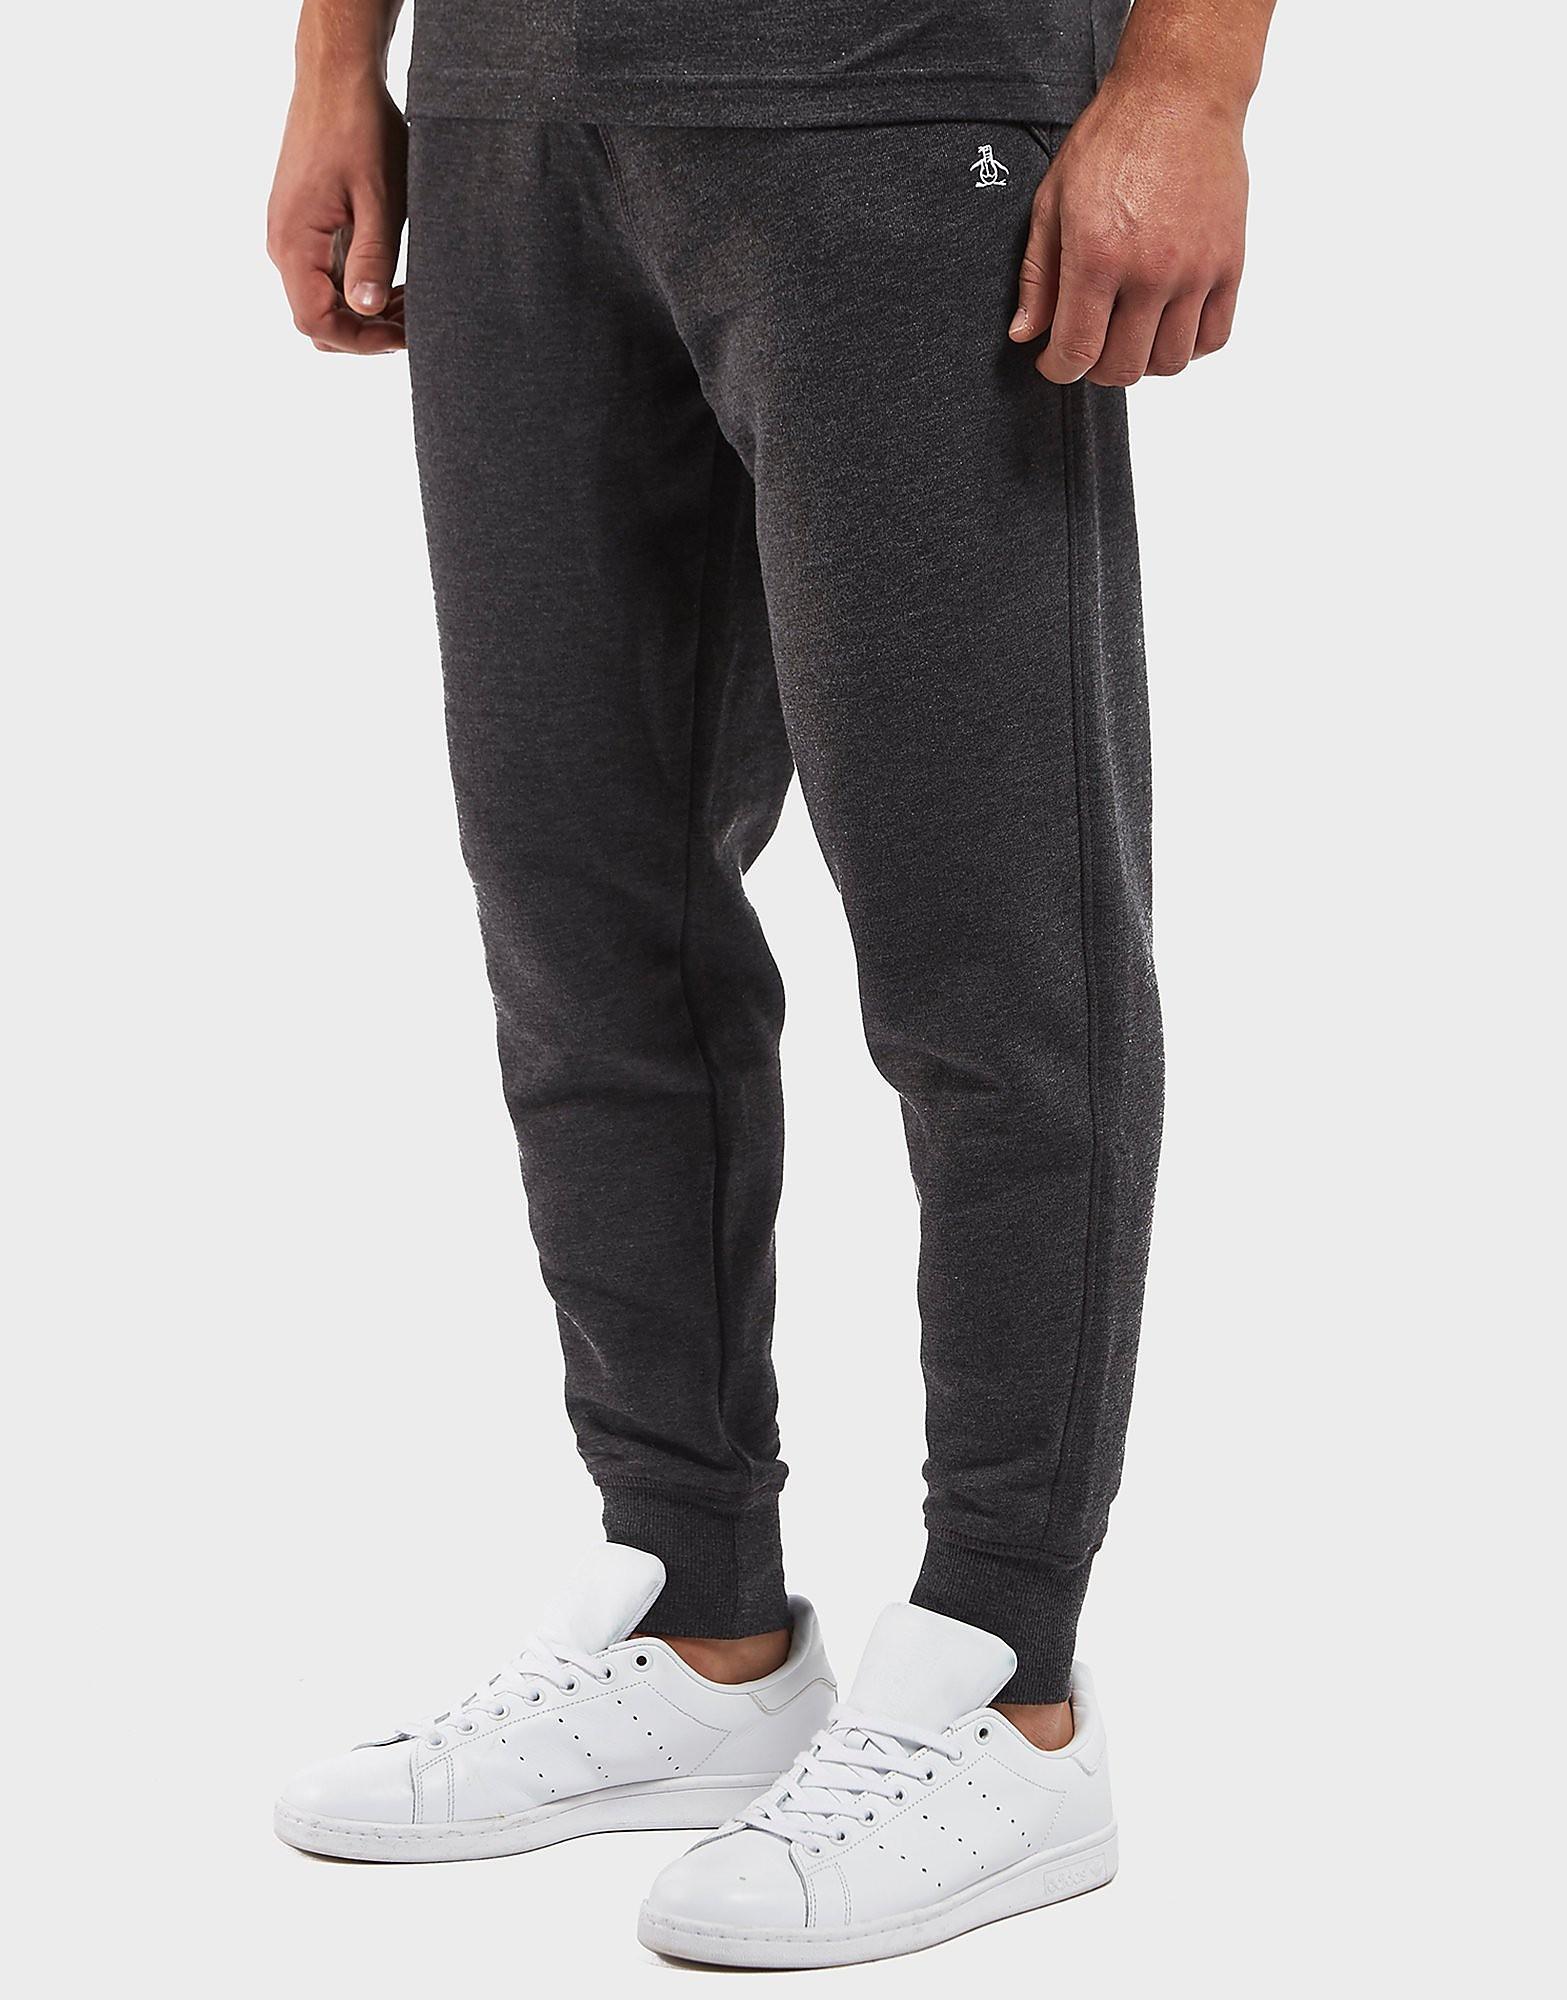 Original Penguin Slim Fleece Track Pants - Exclusive